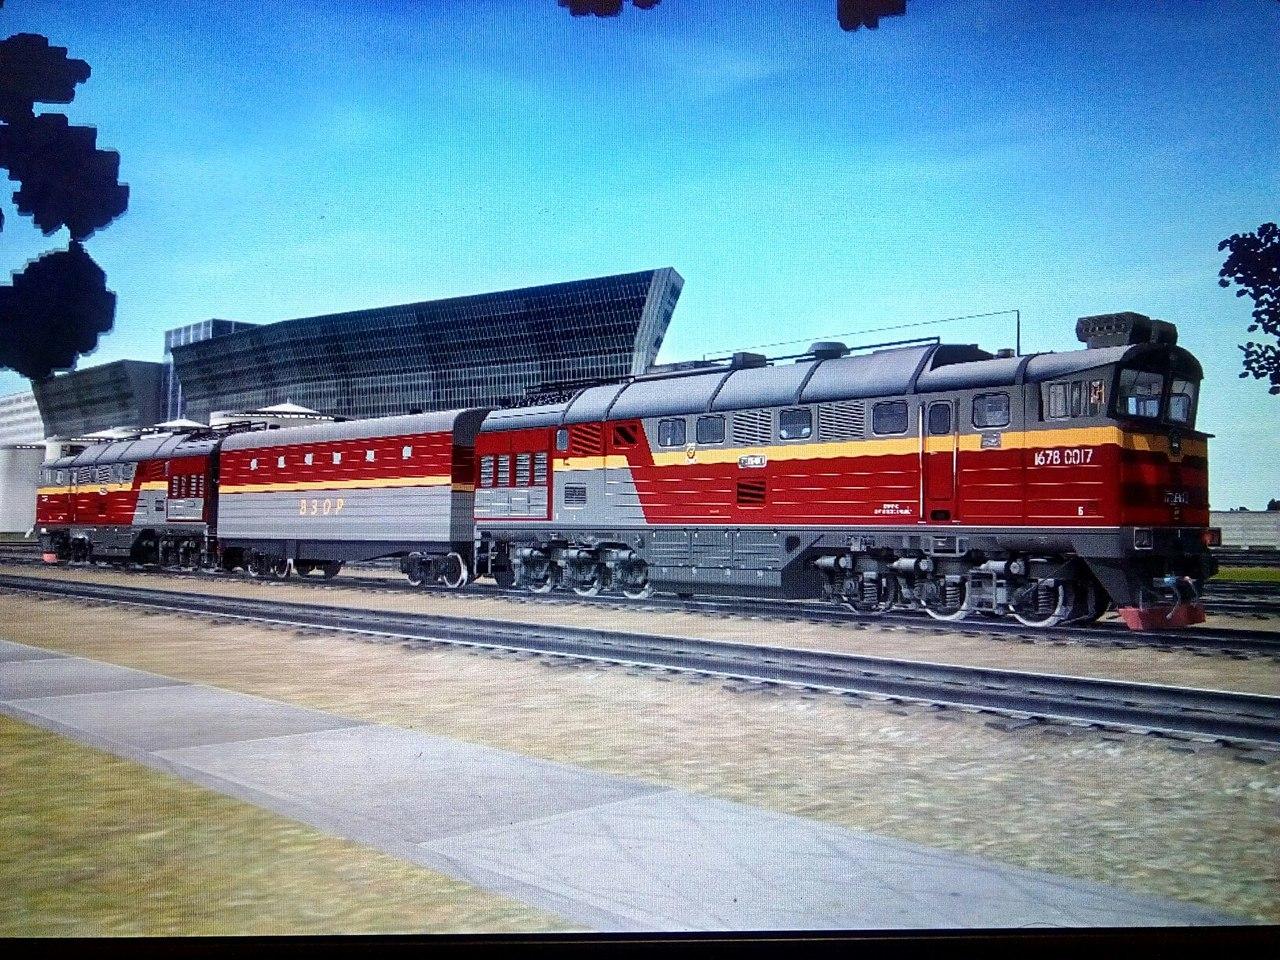 тепловозы и  локомотивы - Страница 4 VJLo0GF9-wA